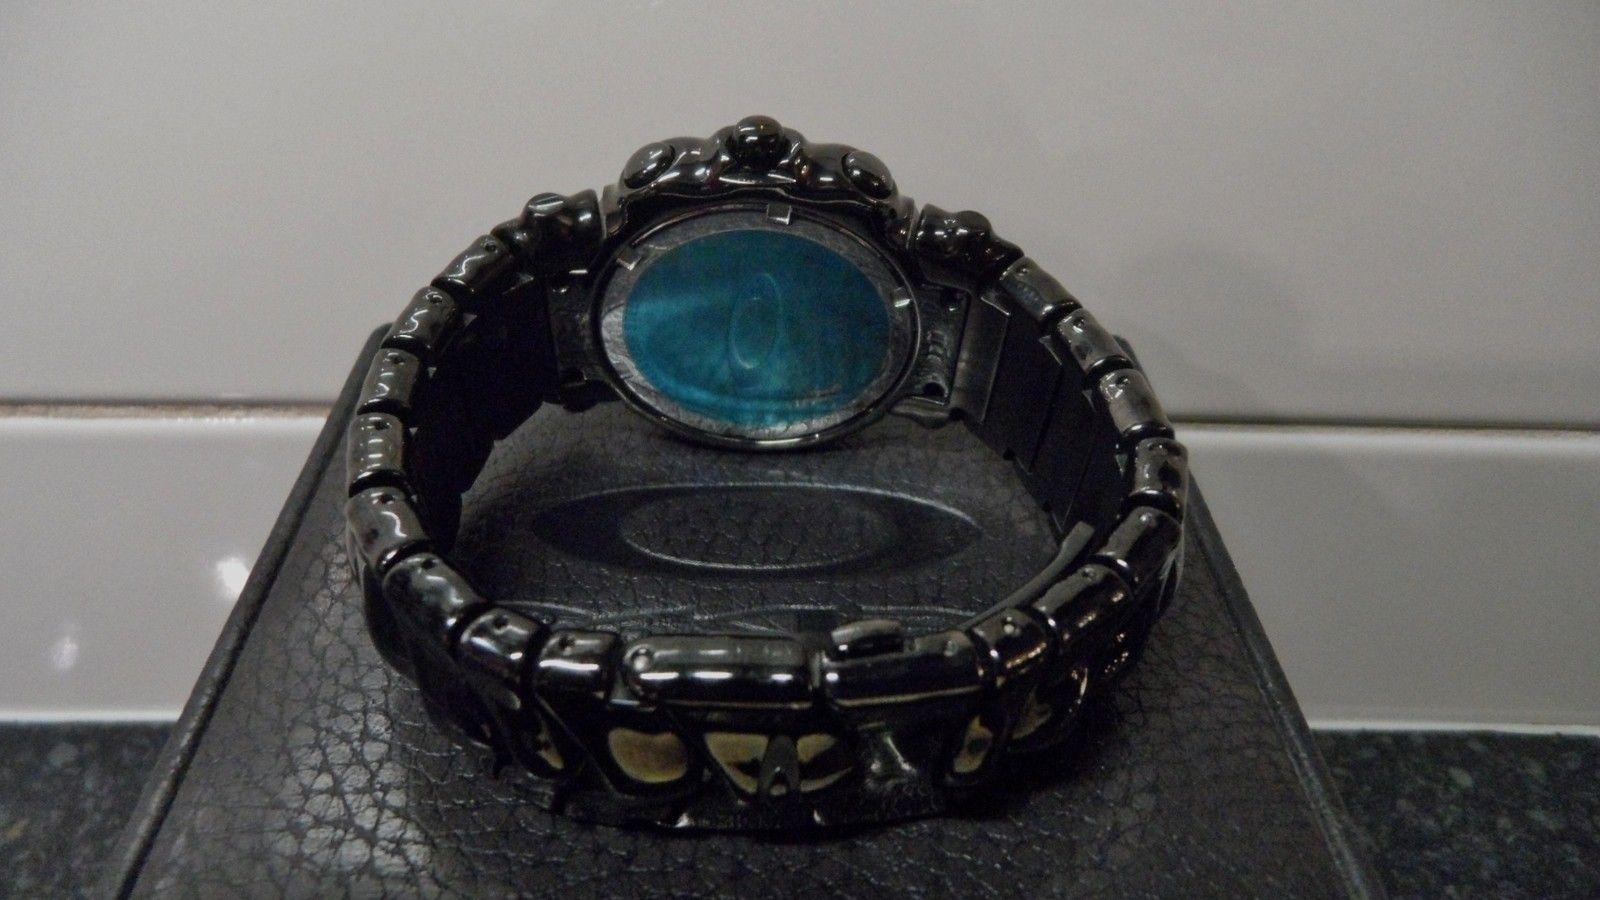 Stealth Black Gen 1 Judge watch. model 10-164. Unworn.  U.K Sale - SAM_0032.JPG